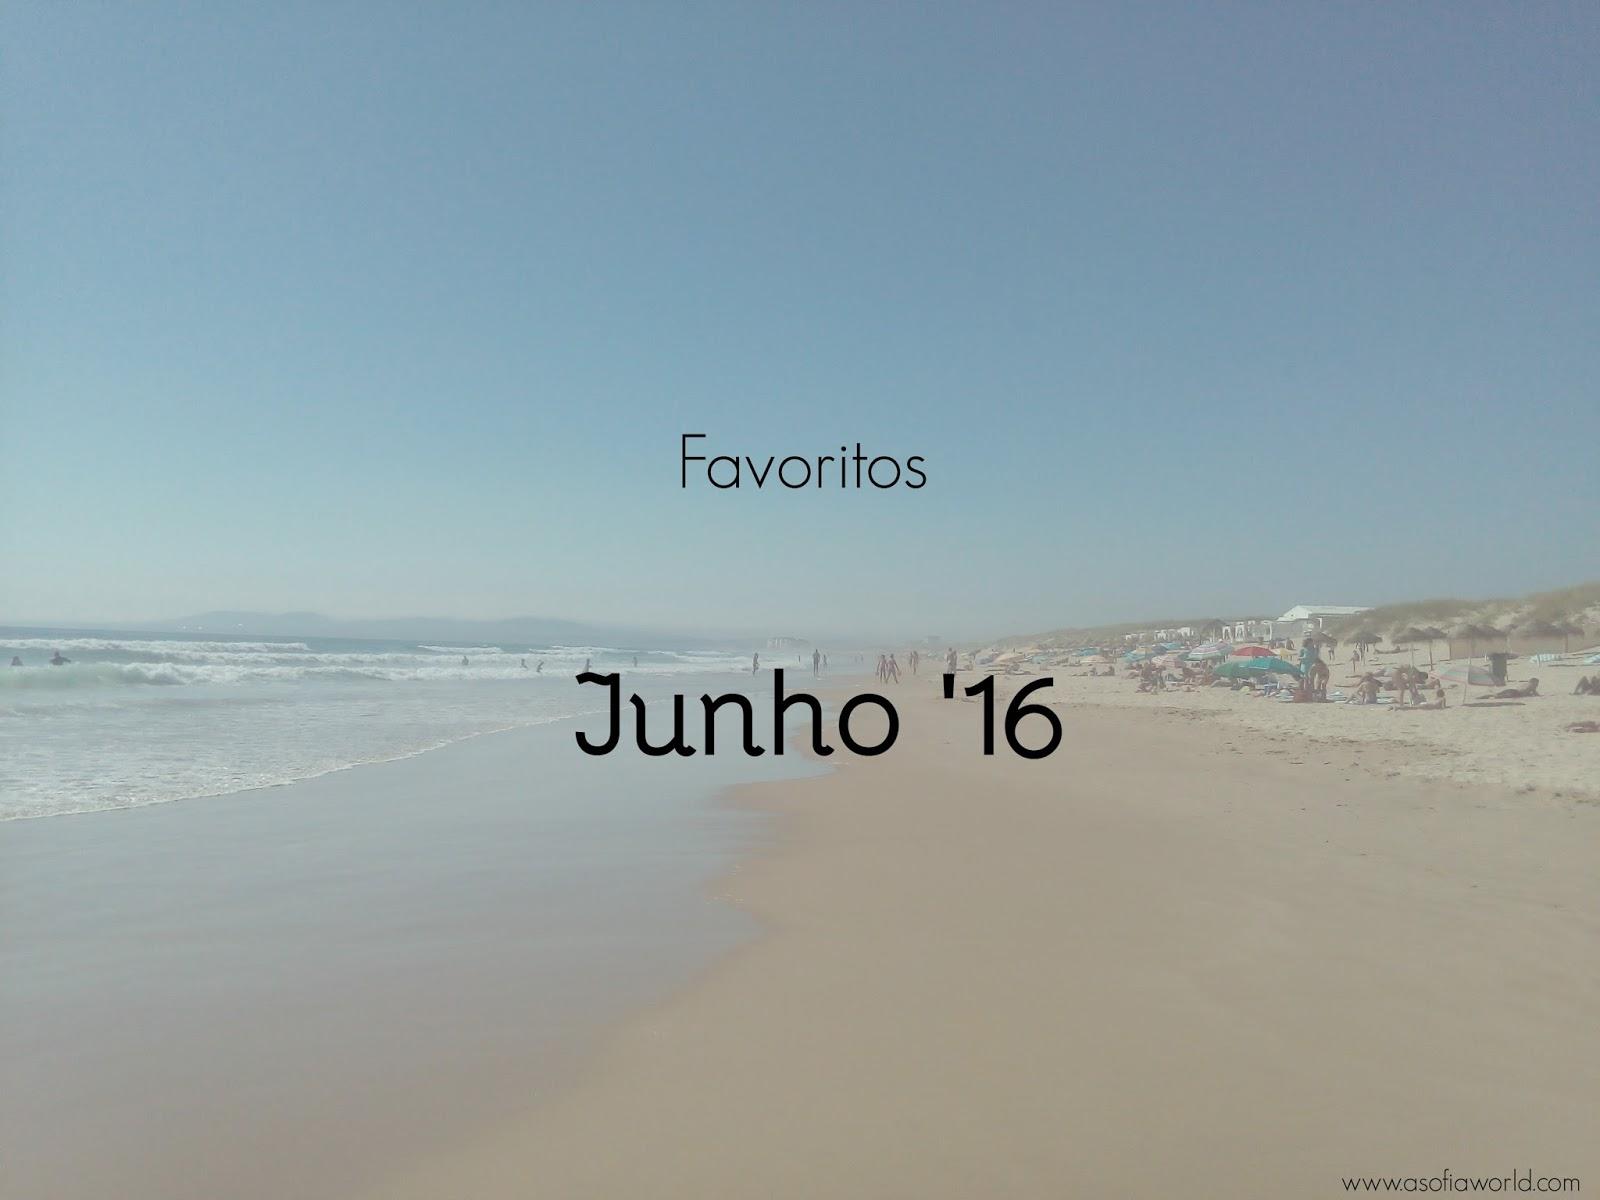 Favoritos Junho 2016